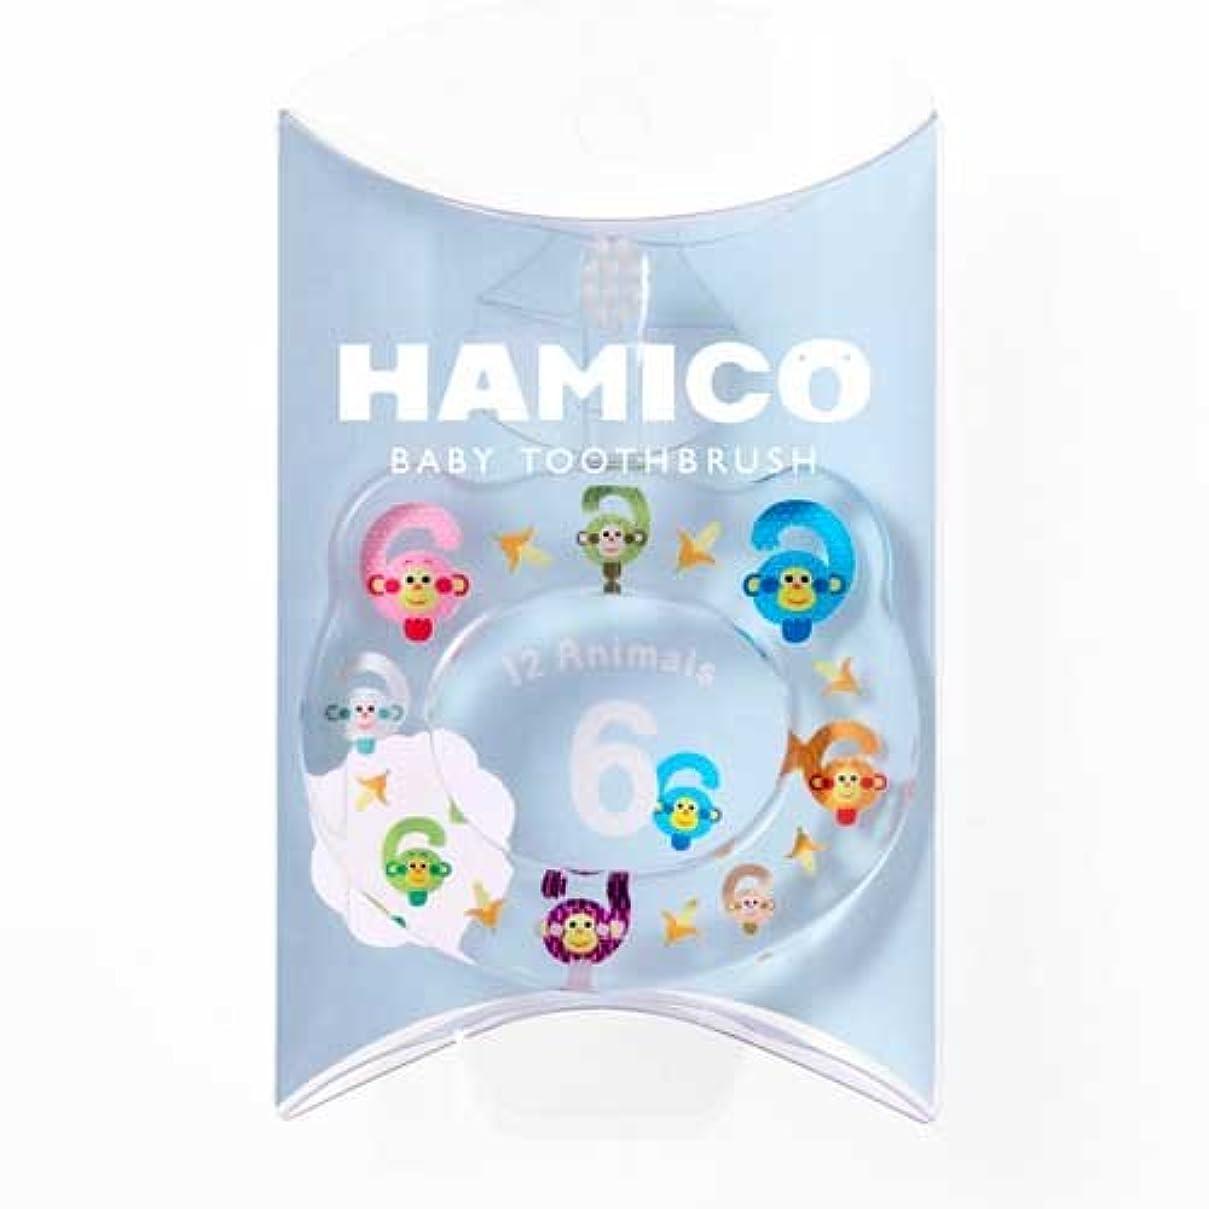 バルーンローズブレンドHAMICO(ハミコ) ベビー歯ブラシ 「12 Animals(12アニマルズ)」シリーズ サル (06)